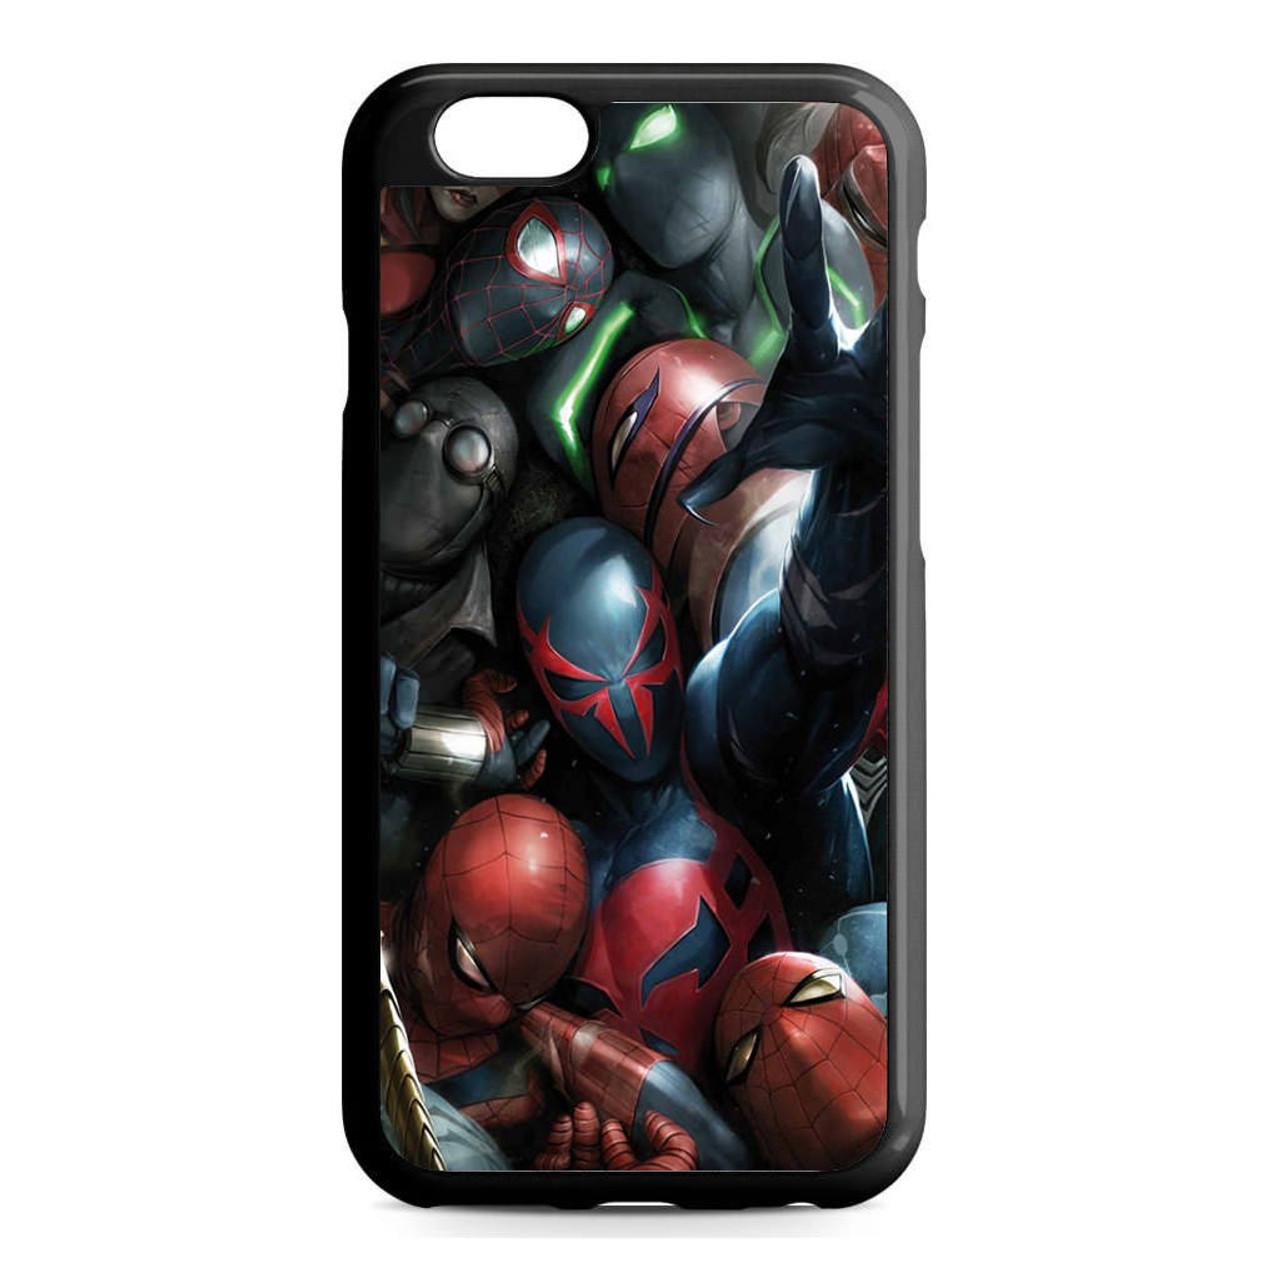 1ba909cc66d4 Spiderman Mask Collection iPhone 6 6S Case - GGIANS